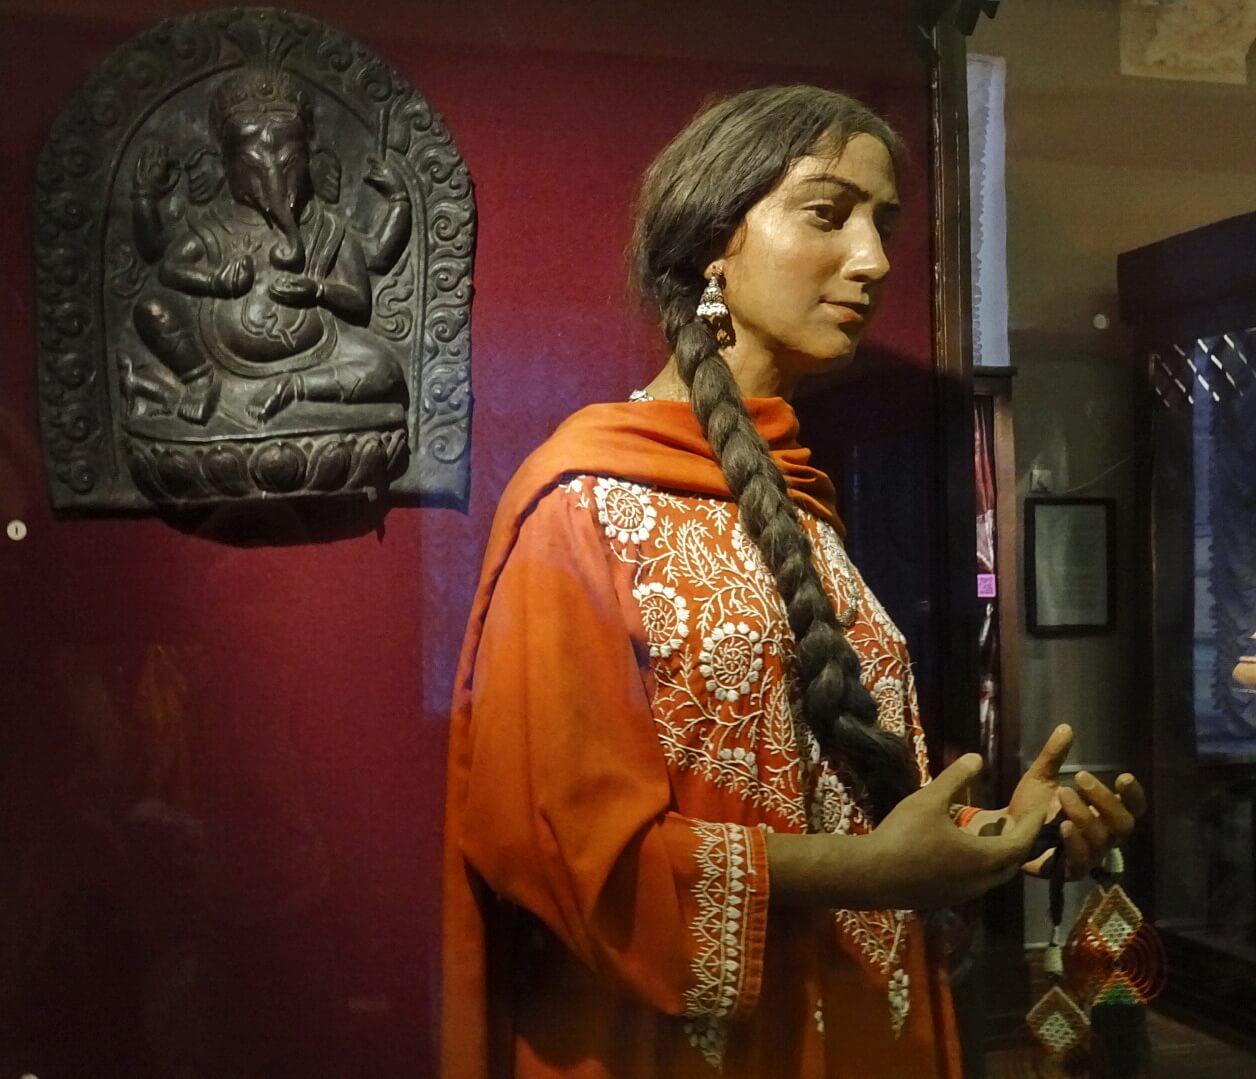 Одна из индийских красавиц загадочно улыбается нам